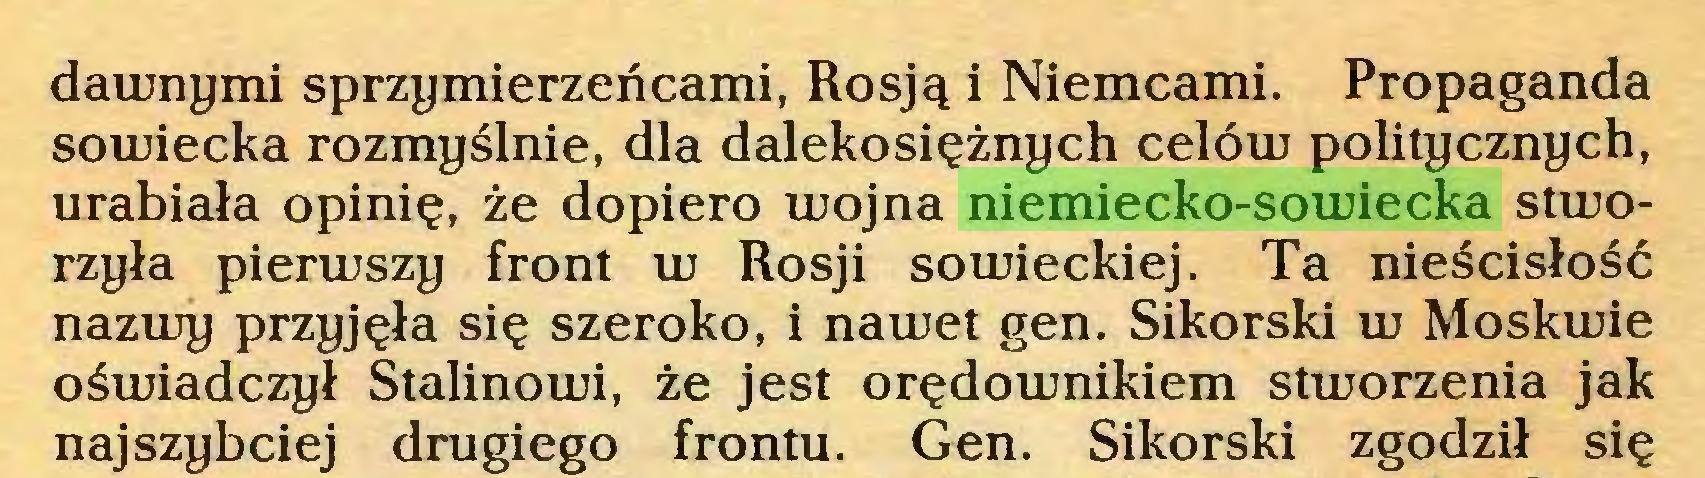 (...) dawnymi sprzymierzeńcami, Rosją i Niemcami. Propaganda sowiecka rozmyślnie, dla dalekosiężnych celóiu politycznych, urabiała opinię, że dopiero inojna niemiecko-sowiecka stworzyła pienuszy front tu Rosji somieckiej. Ta nieścisłość nazmy przyjęła się szeroko, i nawet gen. Sikorski w Moskwie oświadczył Stalinowi, że jest orędownikiem stworzenia jak najszybciej drugiego frontu. Gen. Sikorski zgodził się...